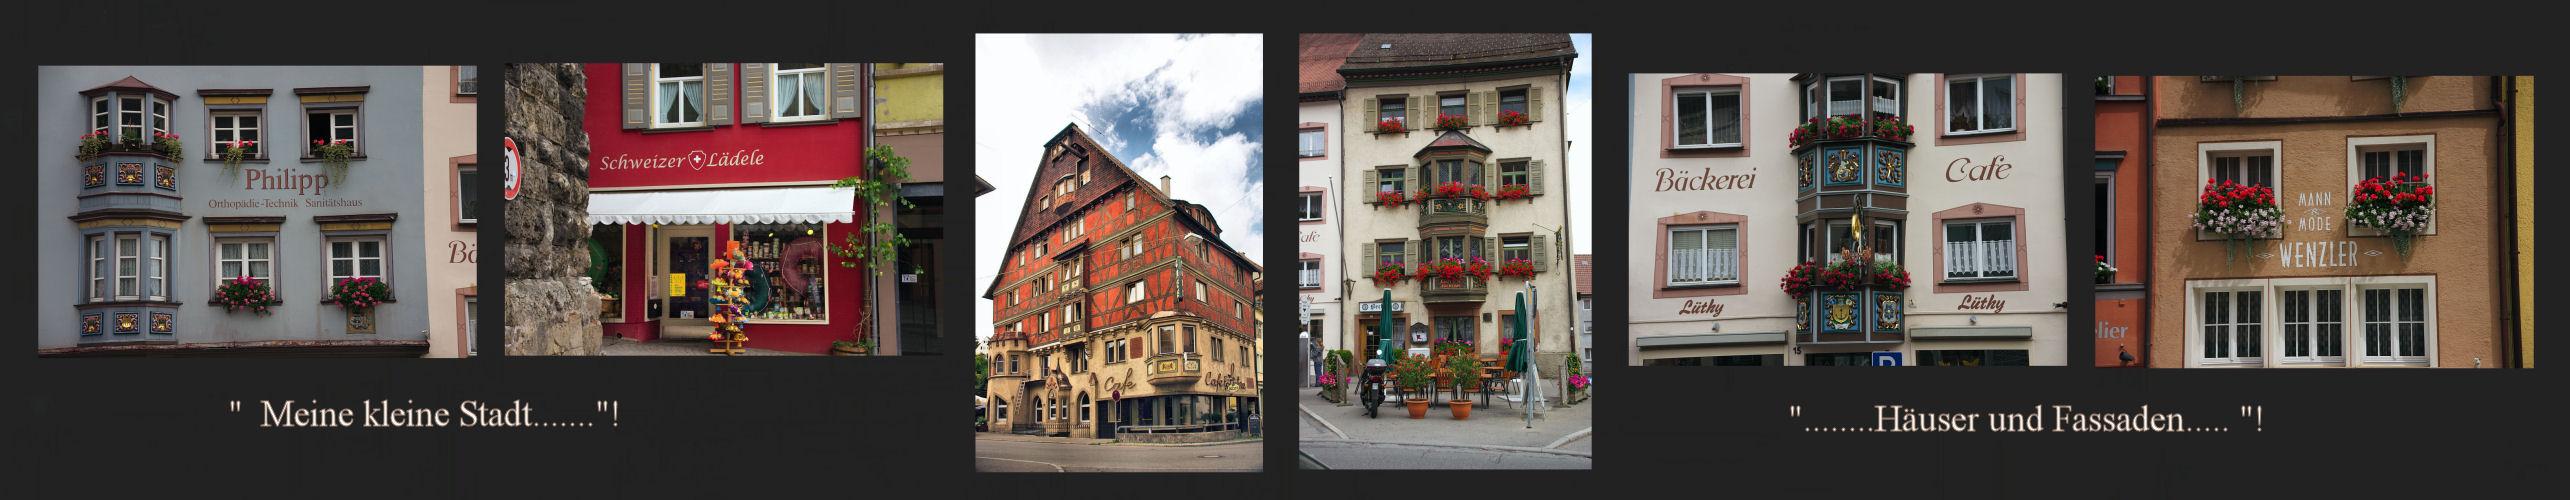 """........""""Meine kleine Stadt.........Rottweil a/N......""""!"""